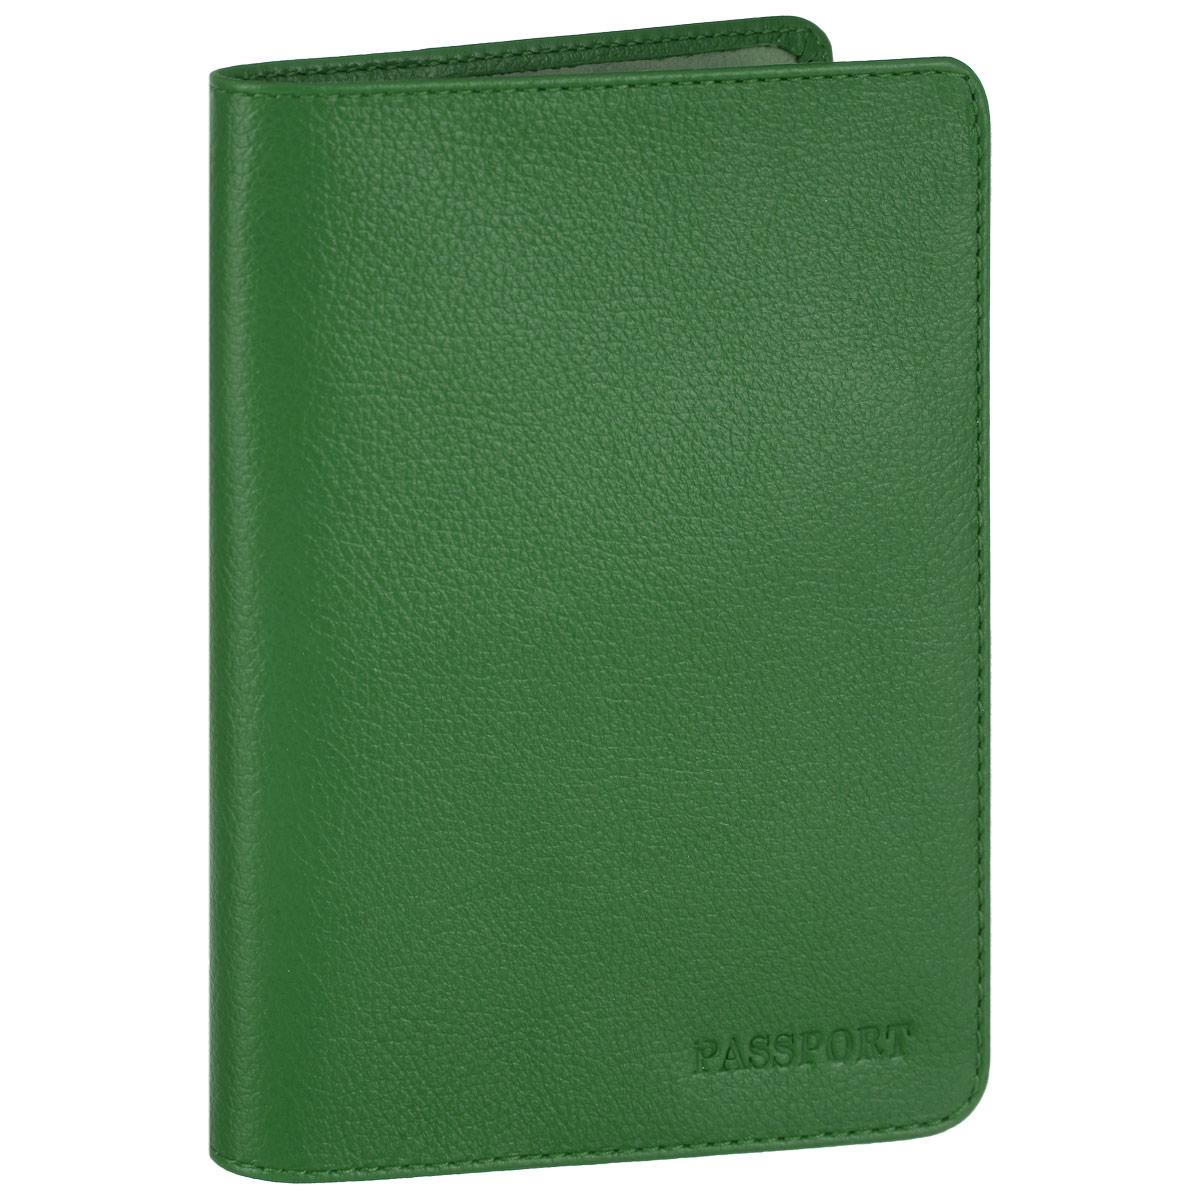 Обложка для паспорта Fabula, цвет: зеленый. O.53.FPO.53.FP. зеленыйСтильная обложка для паспорта Fabula выполнена из натуральной кожи с зернистой текстурой, оформлена надписью Passport. Обложка для паспорта раскладывается пополам, внутри расположены два пластиковых кармашка.Такая обложка для паспорта станет прекрасным и стильным подарком человеку, любящему оригинальные и практичные вещи.